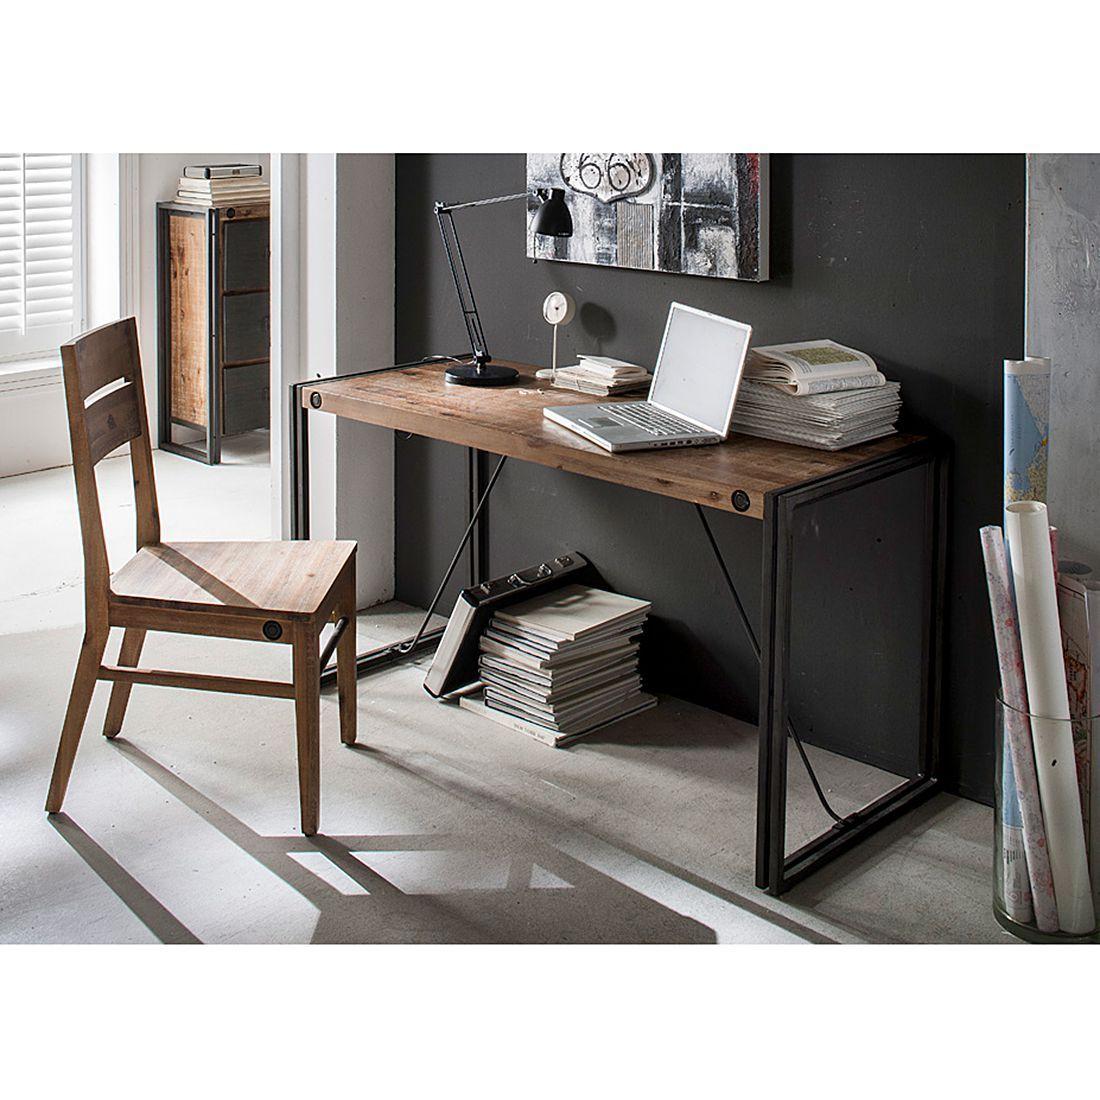 Schreibtisch manchester i arbeitszimmer schreibtisch for Schreibtisch holz massiv mobel